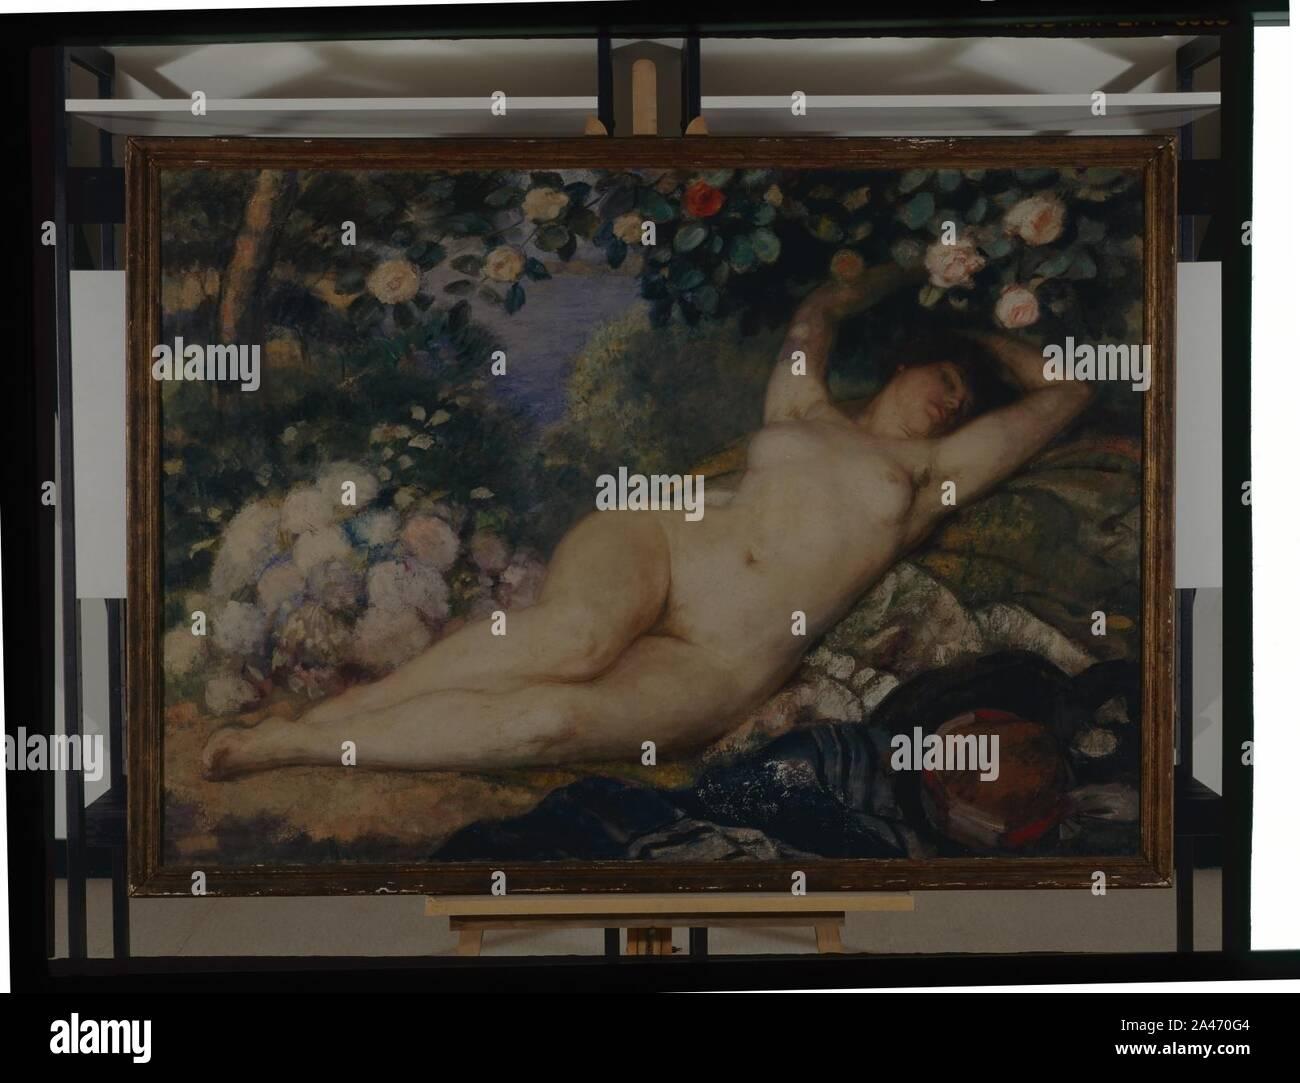 Femme nue à la rose - Adrien Wilborts - Musée d'art et d'histoire de Saint-Brieuc, DOC R 950.1.1. Foto de stock